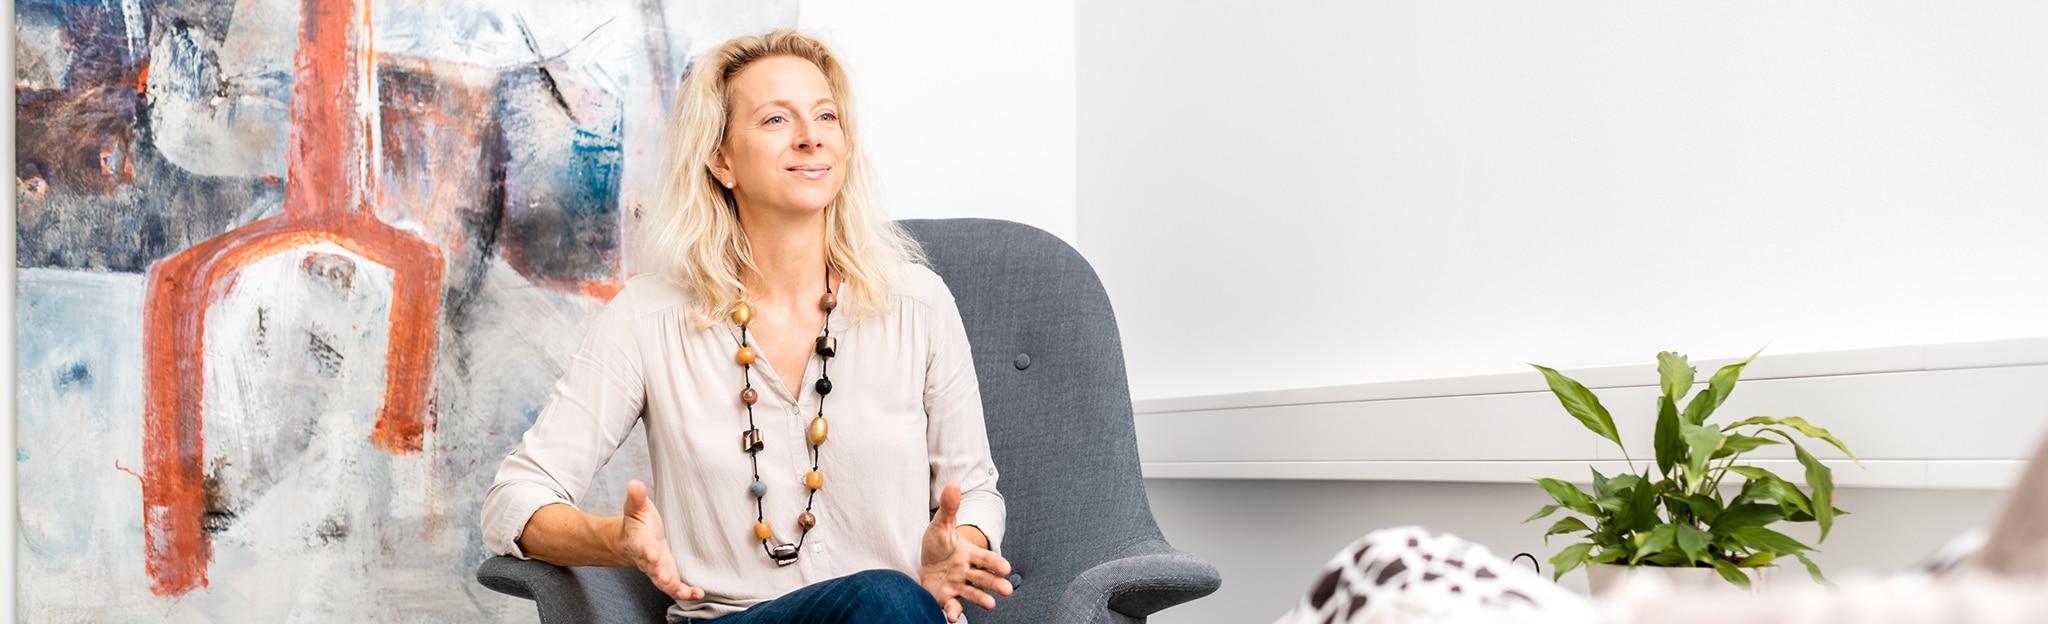 Claudia Bayer während einer Sitzung